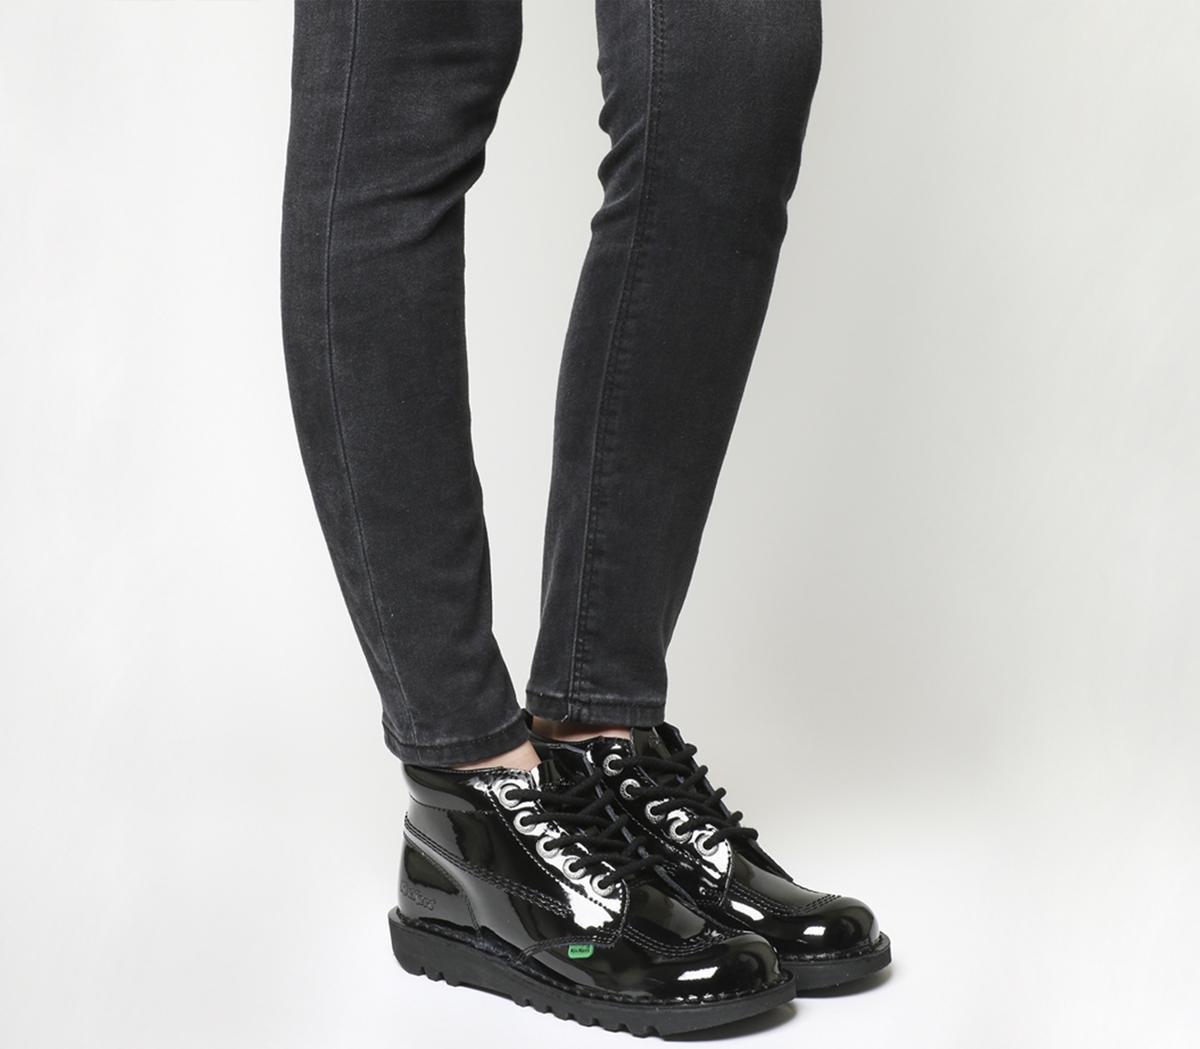 Kickers Kick Hi (g) Black Patent - Flats